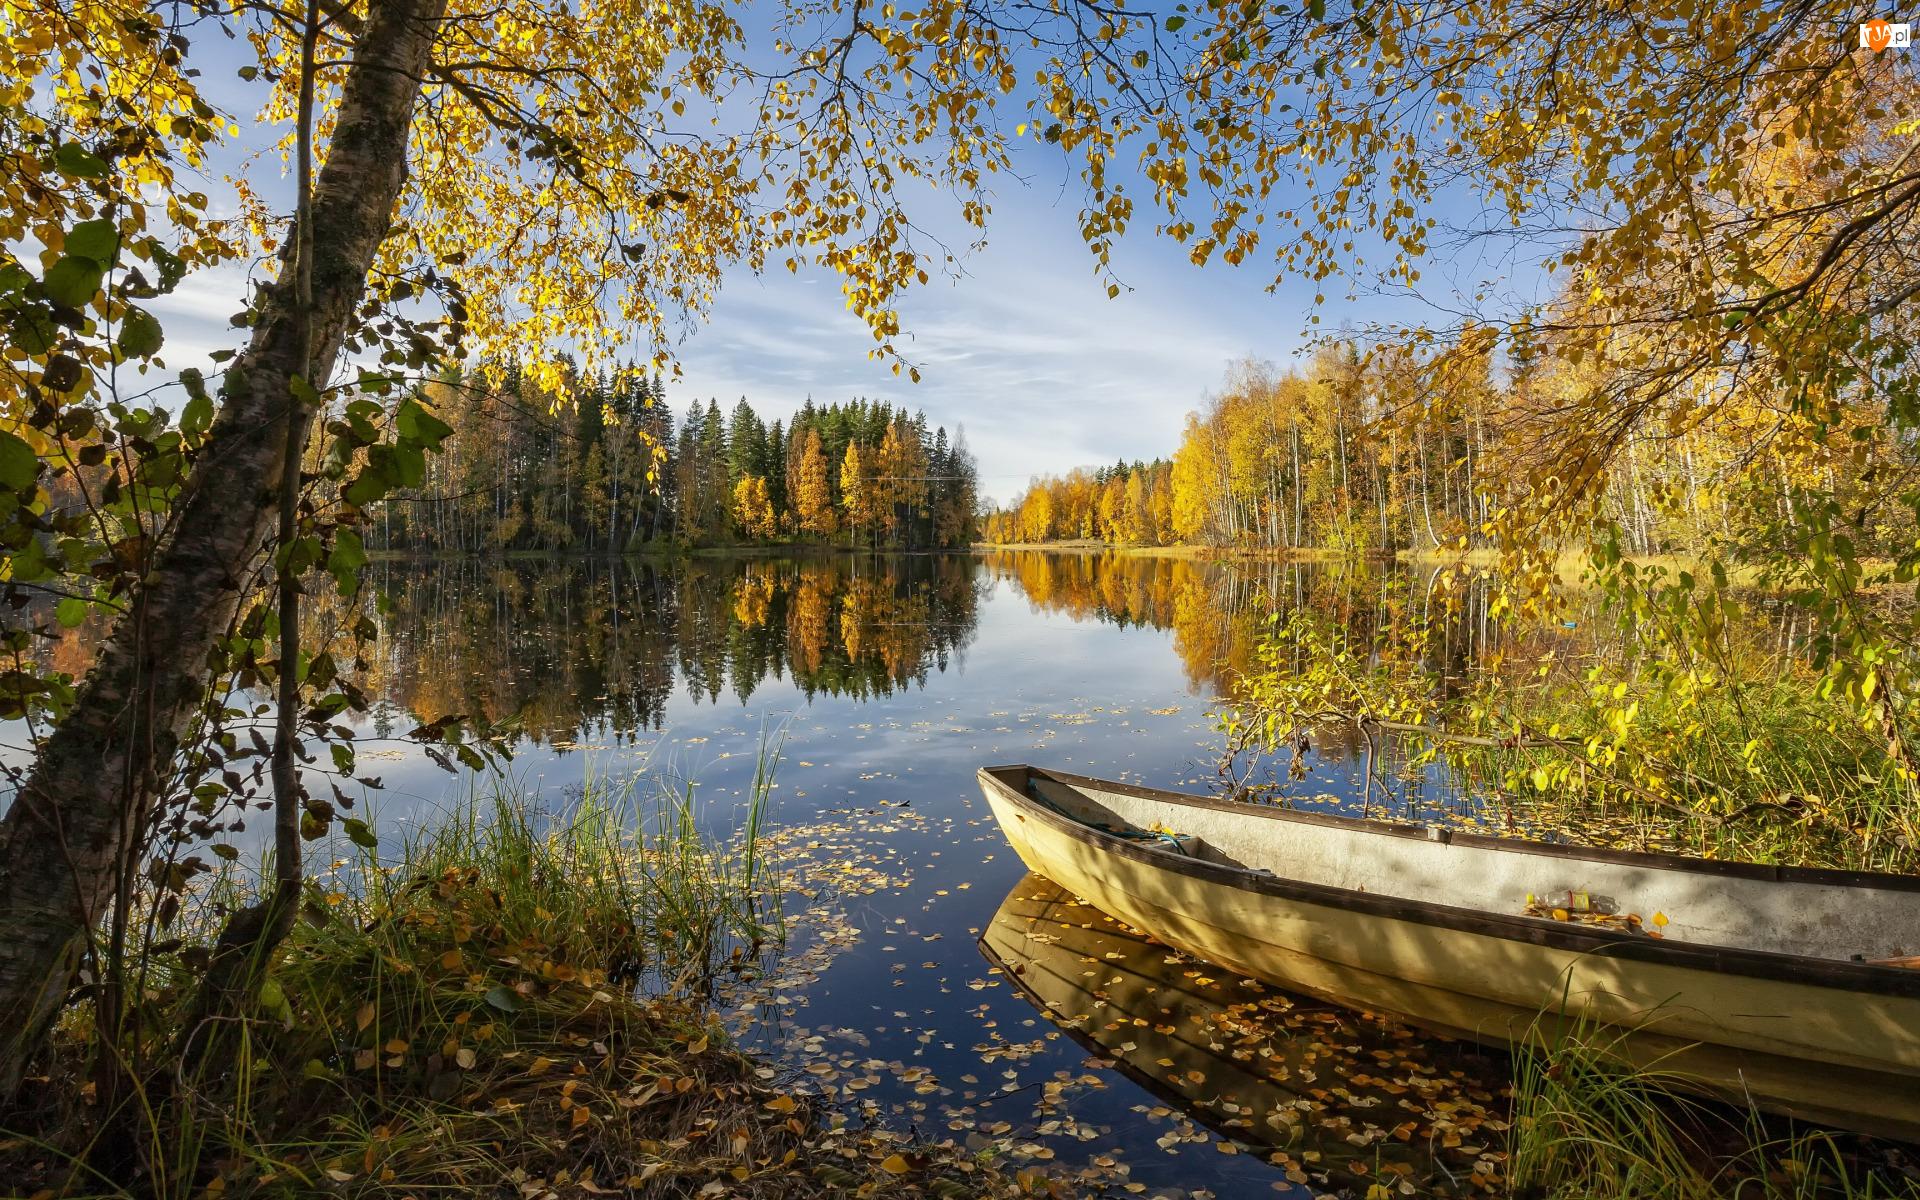 Jesień, Jezioro, Brzozy, Słoneczny, Łódka, Las, Dzień, Drzewa